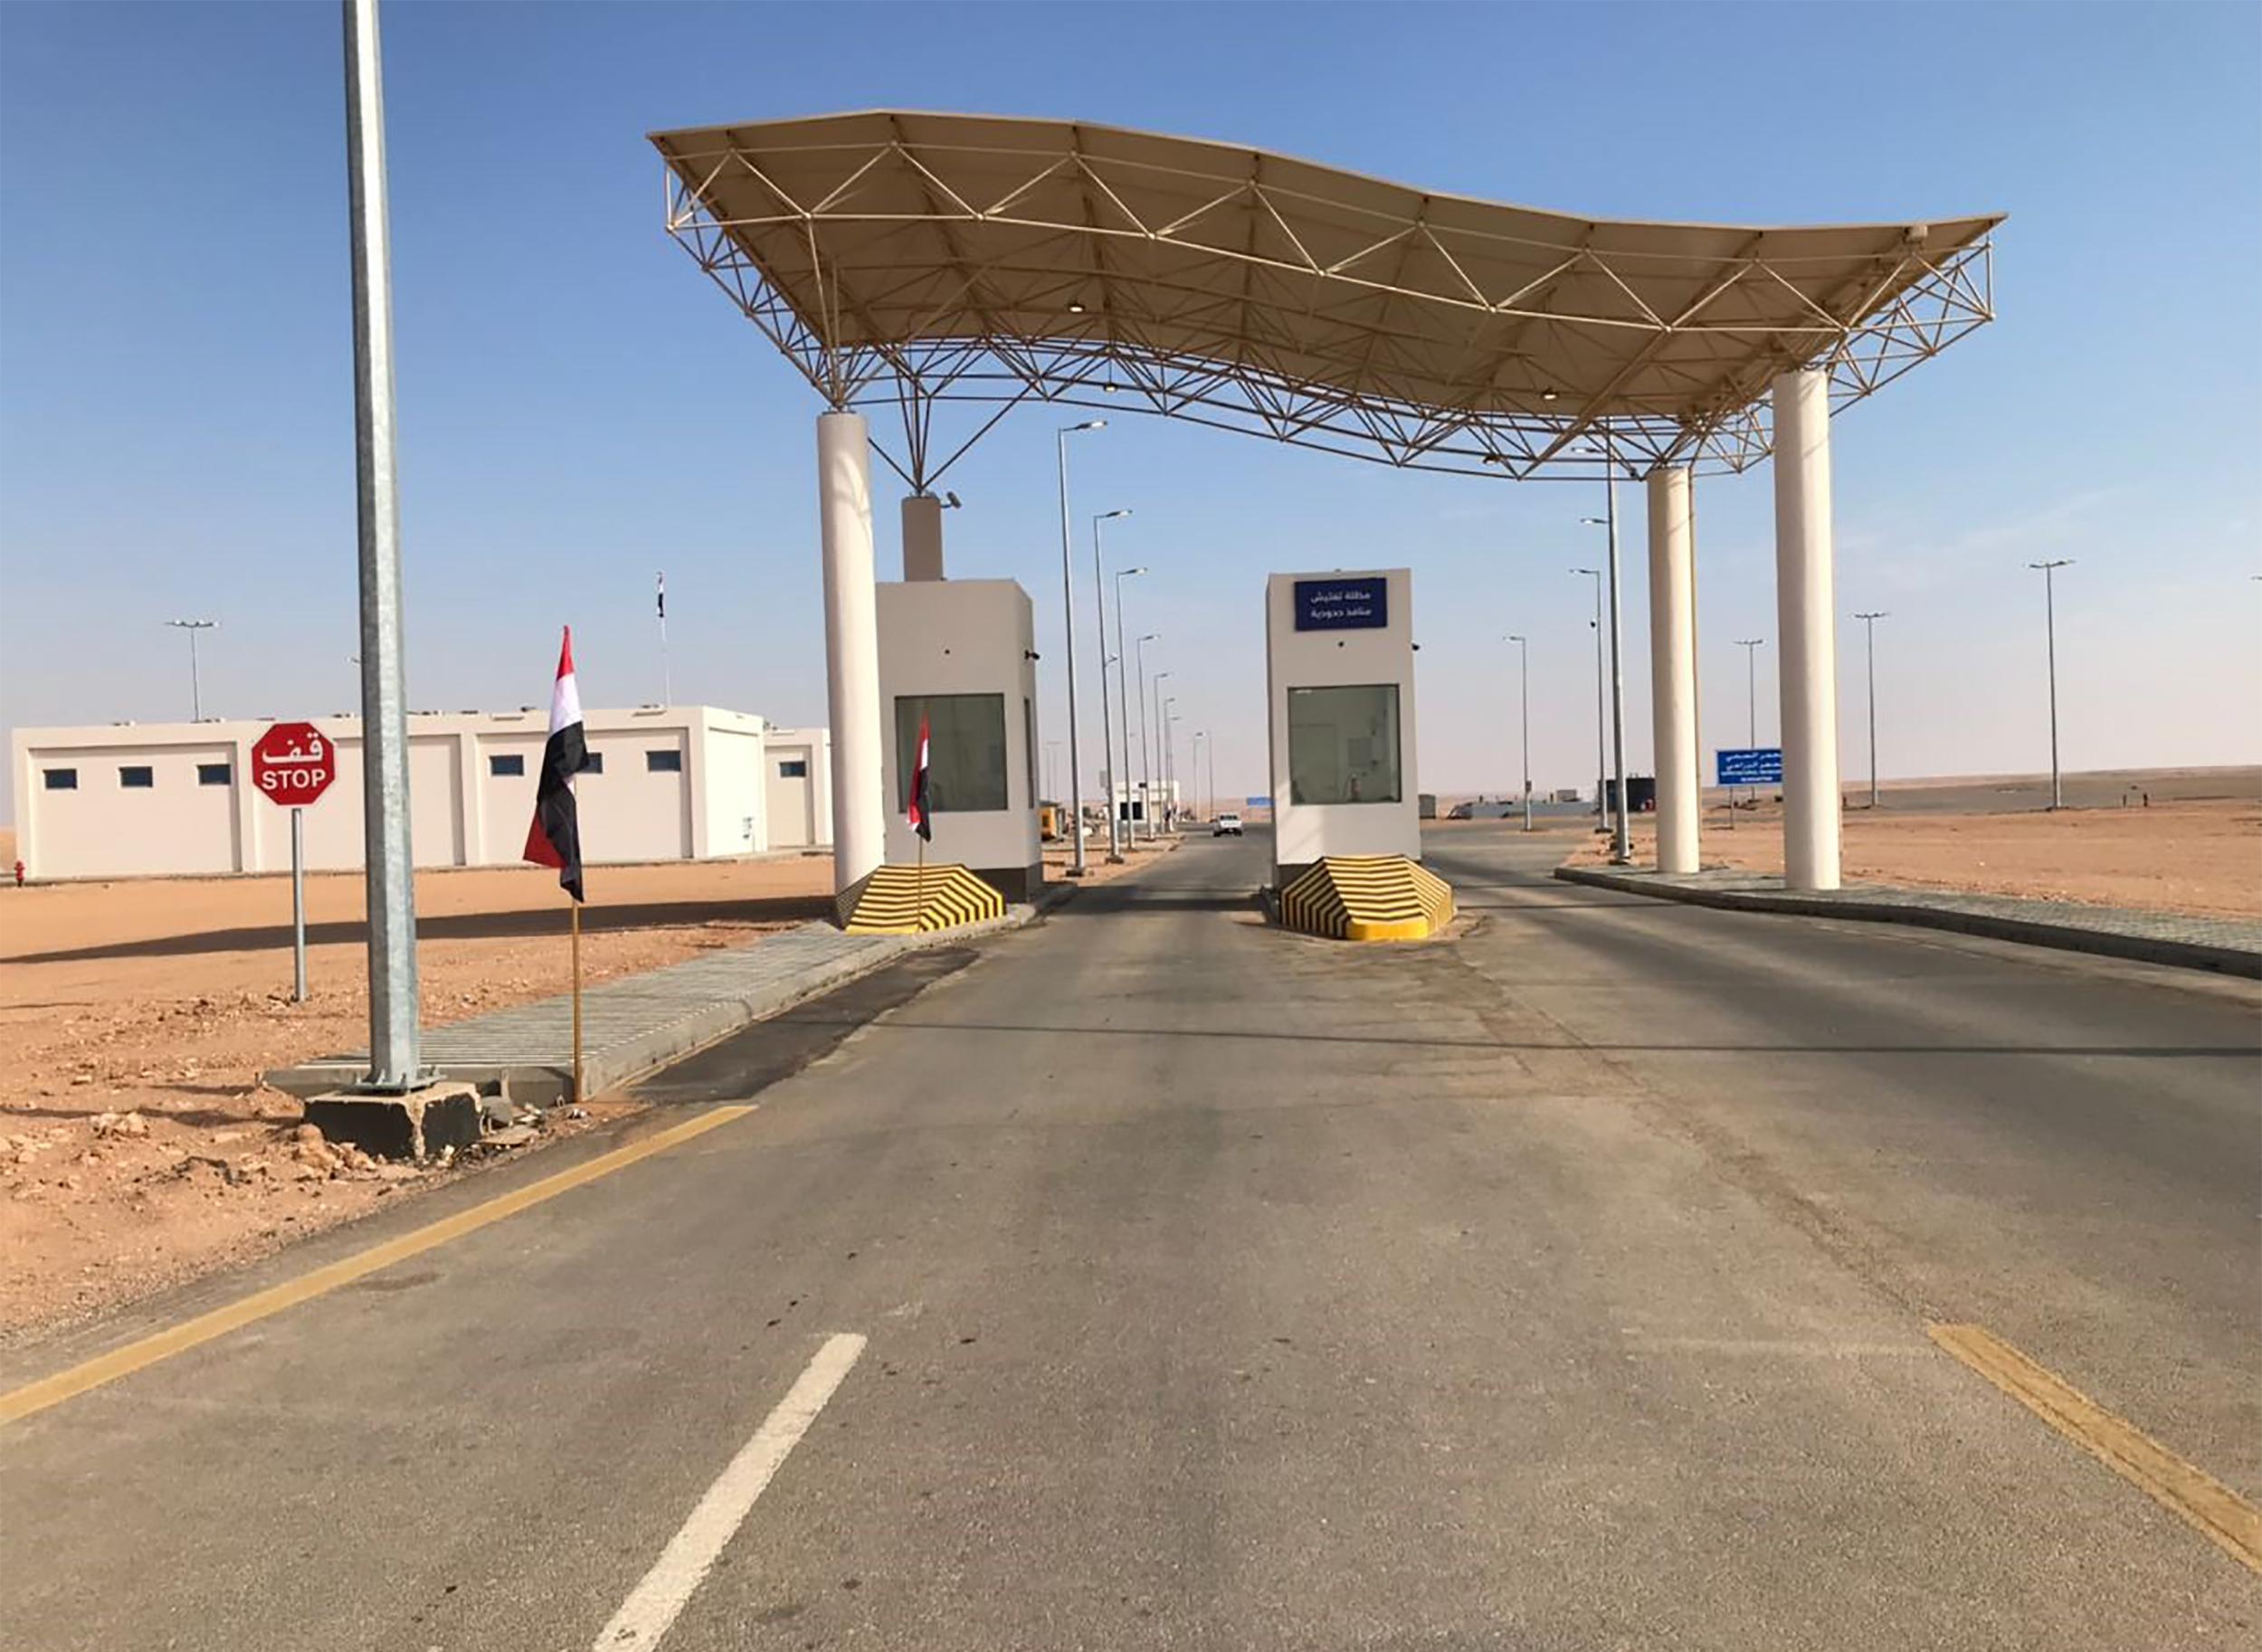 فتح معبر عرعر اعتبر أكبر مؤشر عل رغبة السعودية في التقارب مع العراق